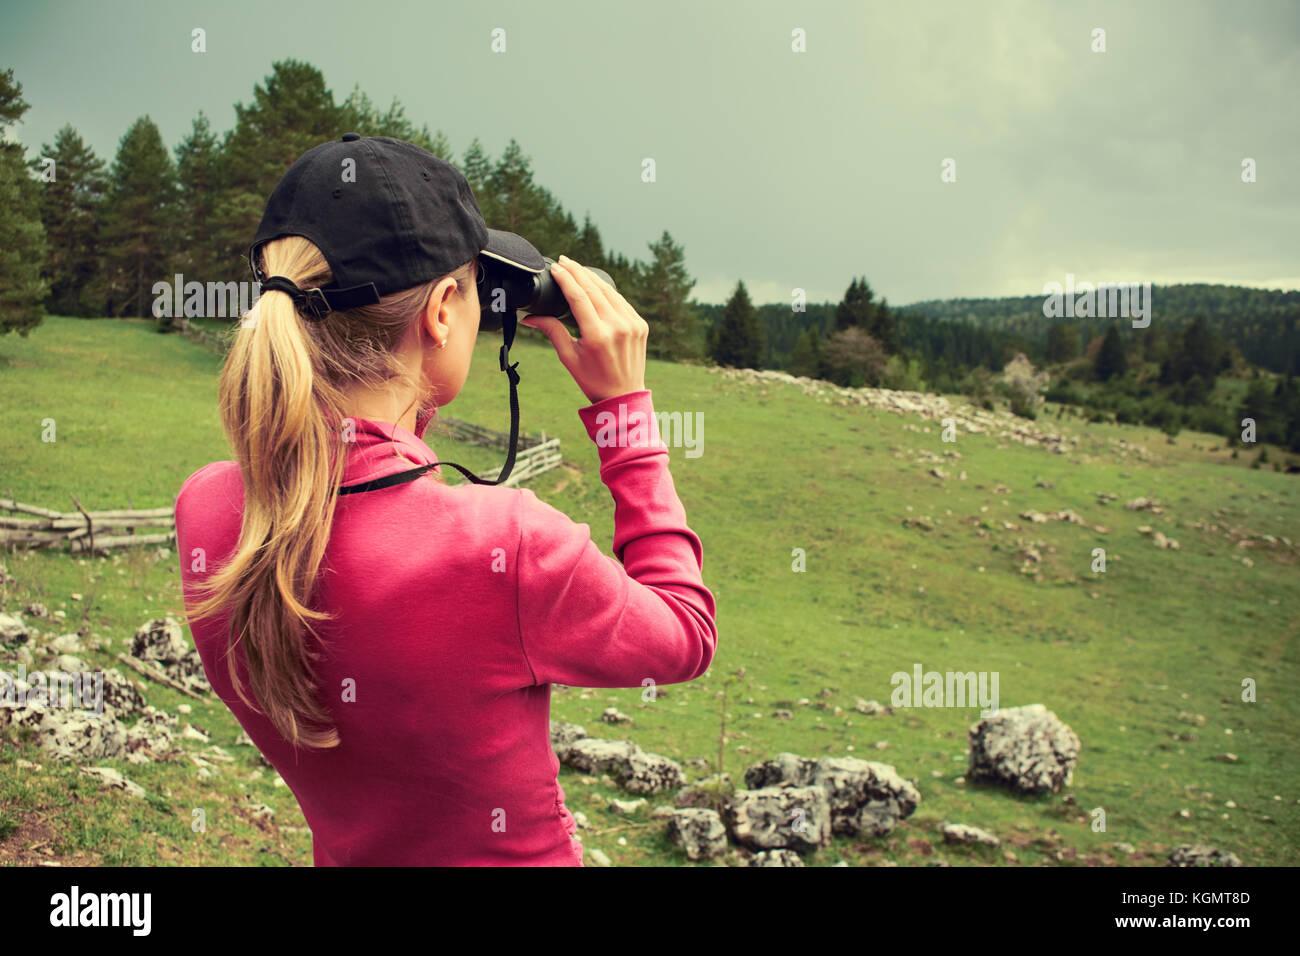 Wanderer auf der suche durch ein fernglas stockfoto bild